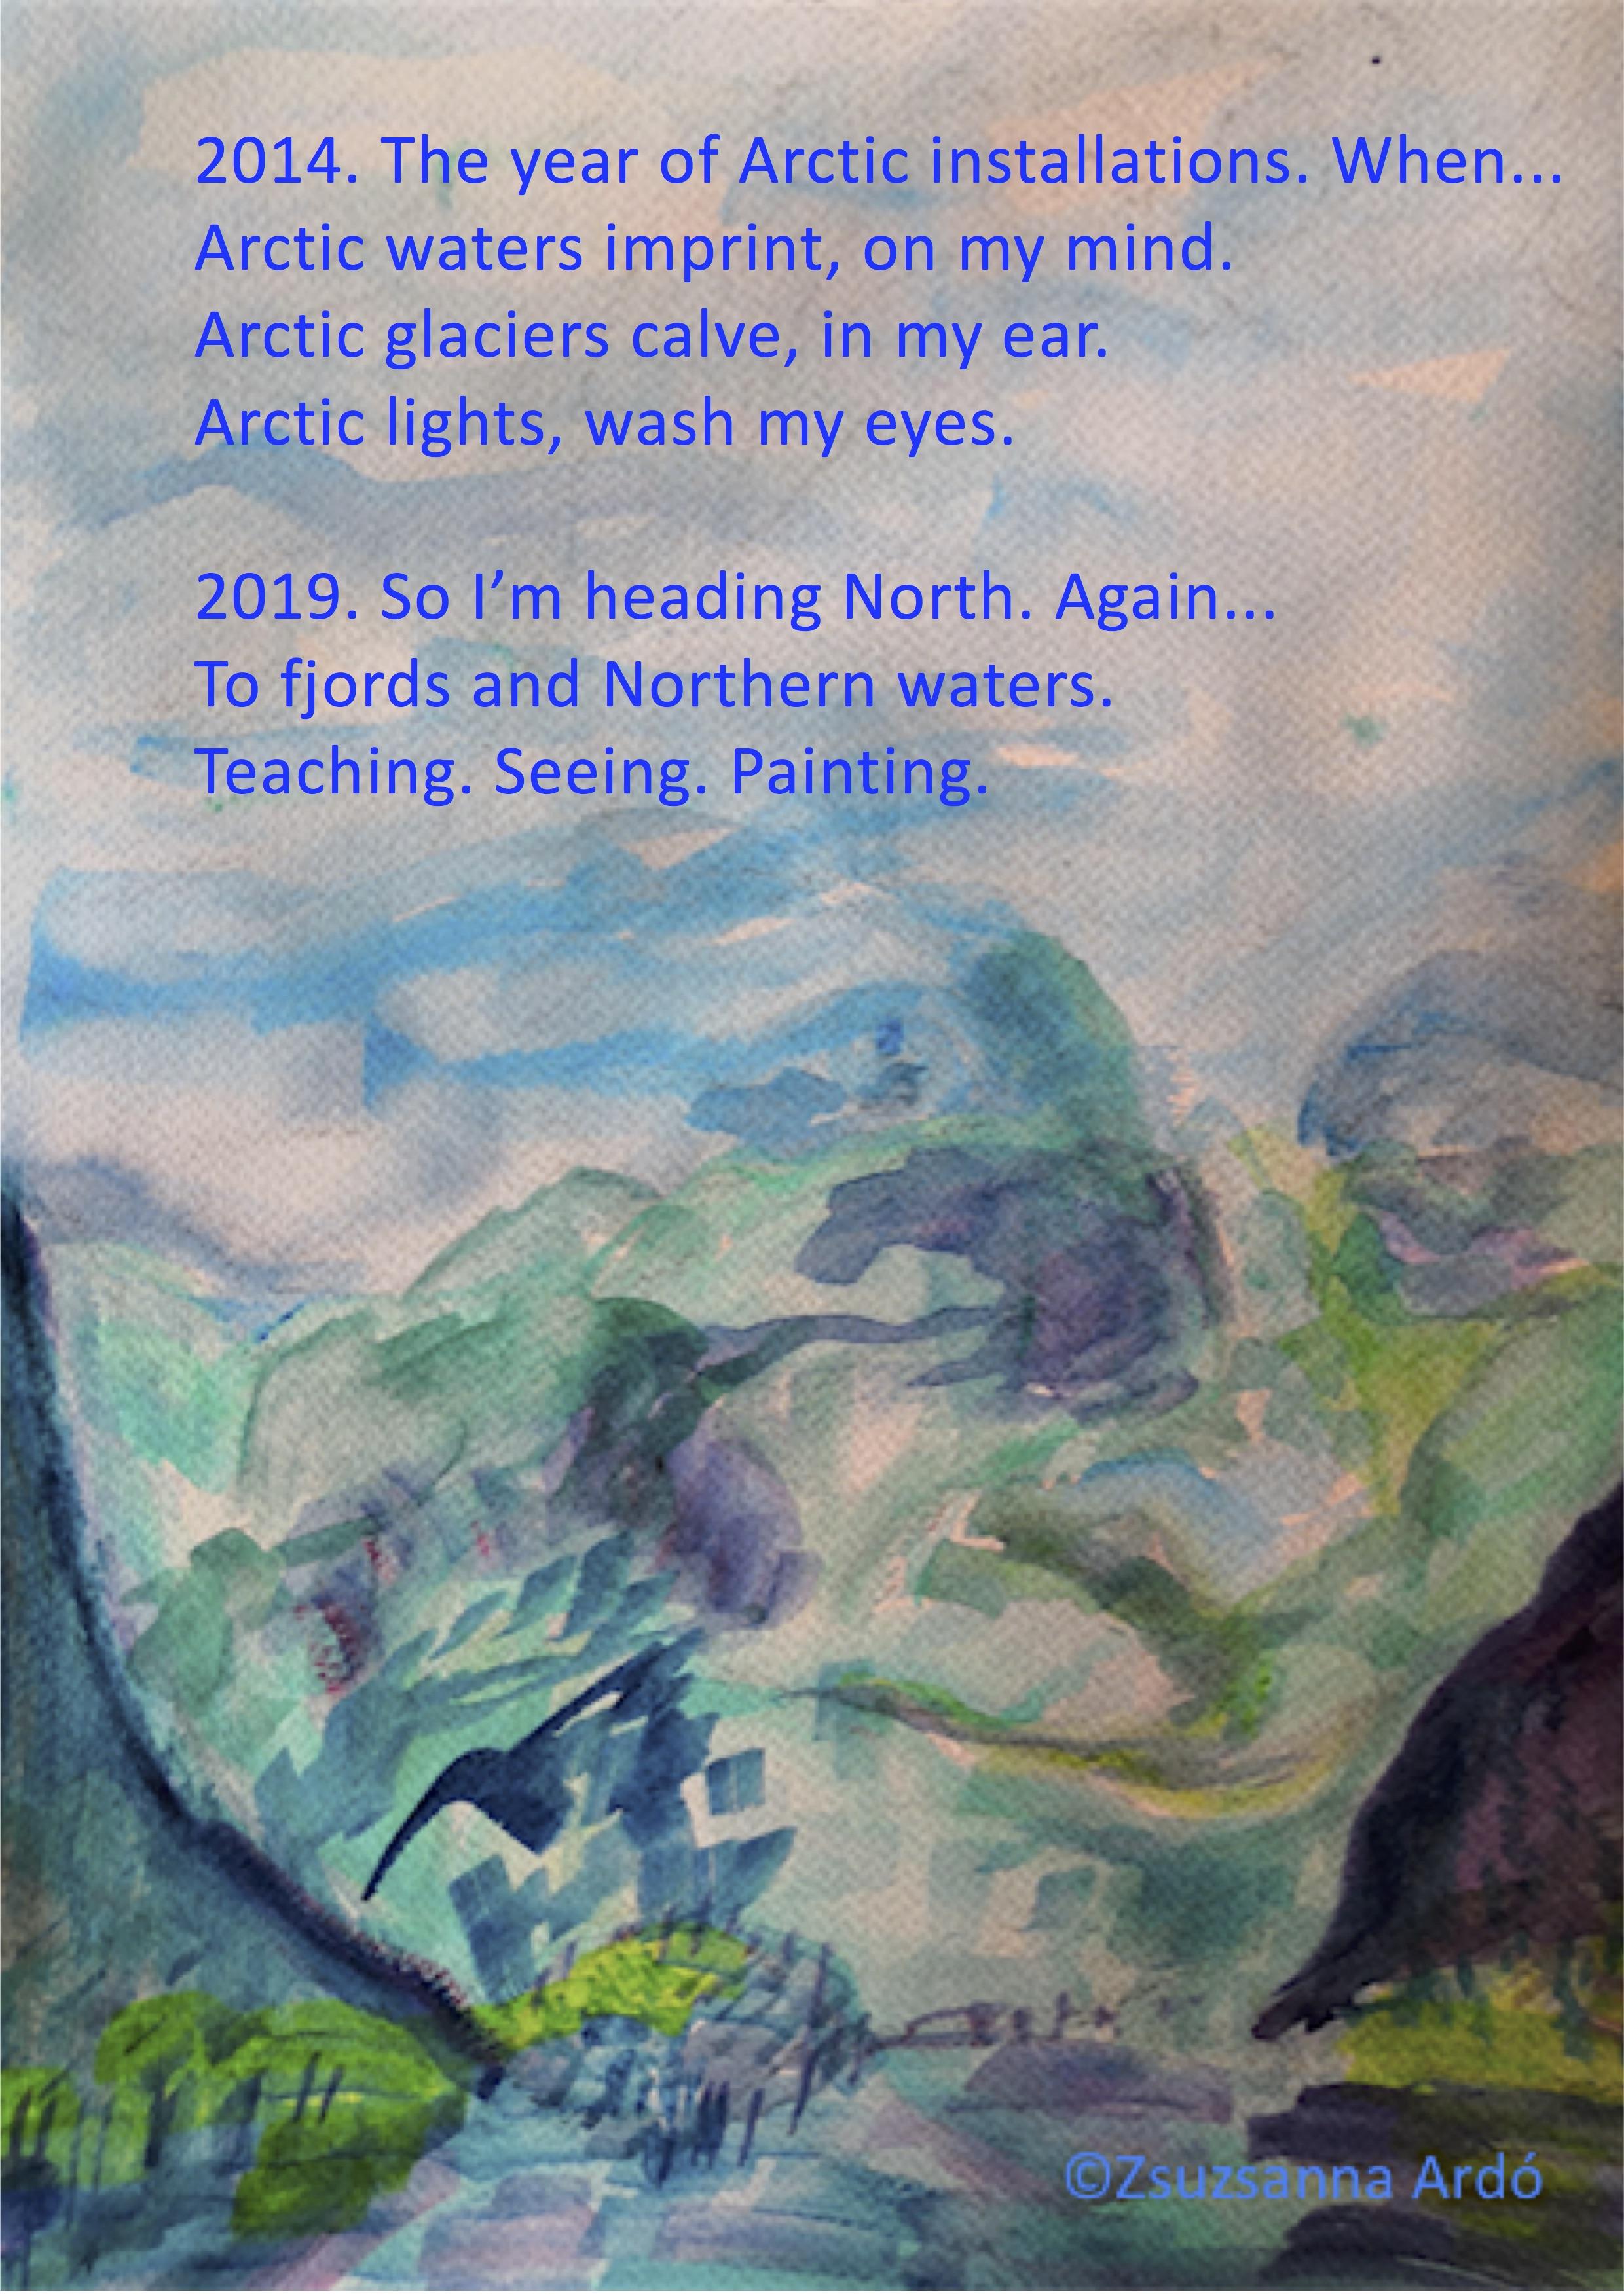 19 Teaching painting on Northern waters©ARDO.jpg